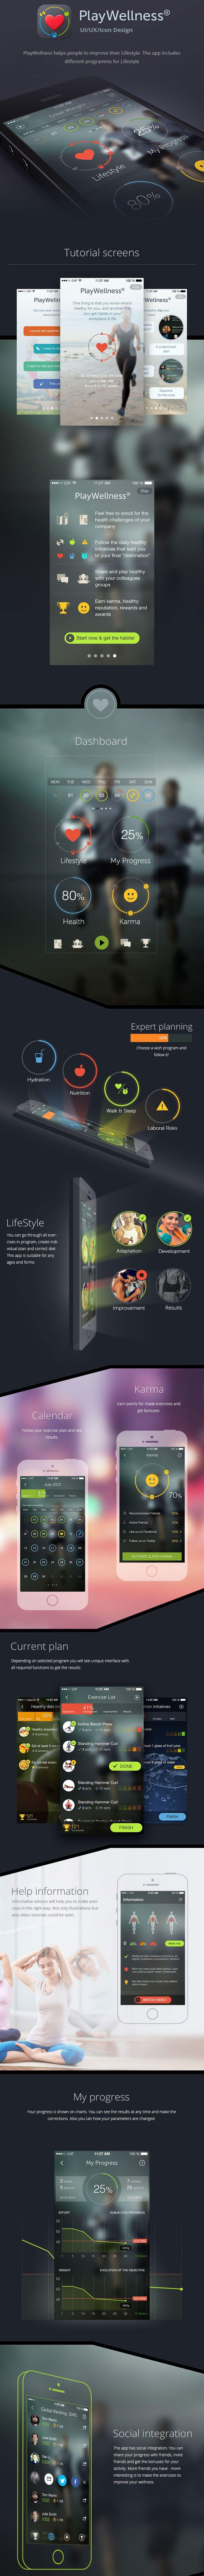 Daily Mobile #UI #Design & #Development Inspiration #356